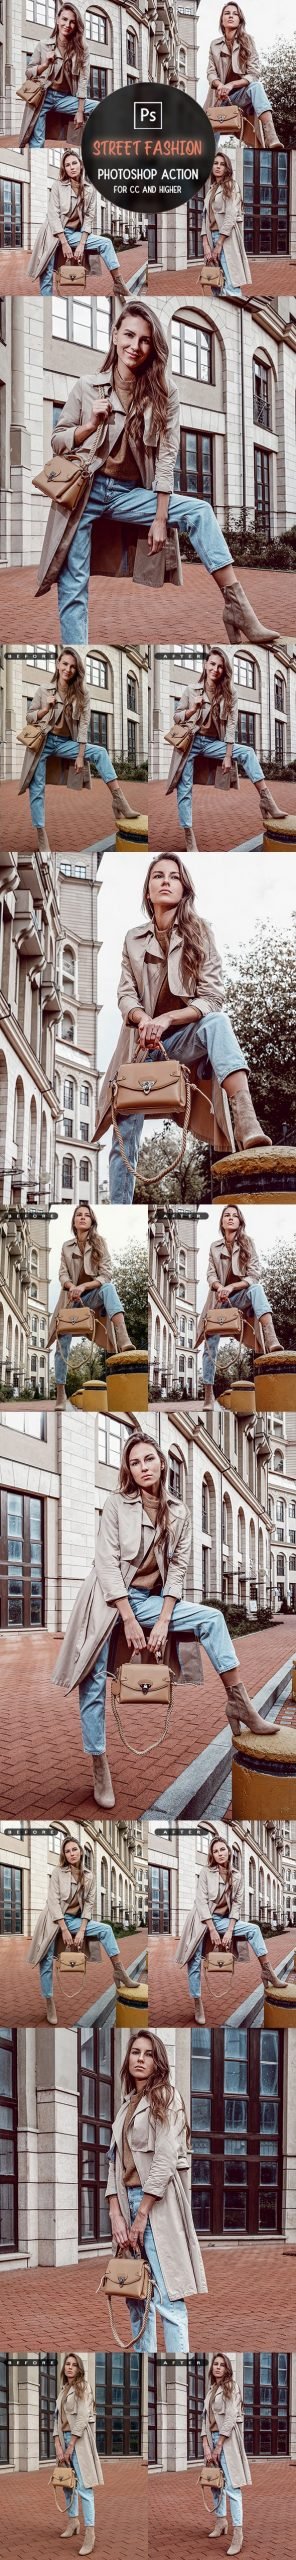 Street Fashion Photoshop Action scaled - دانلود اکشن فتوشاپ Street Fashion